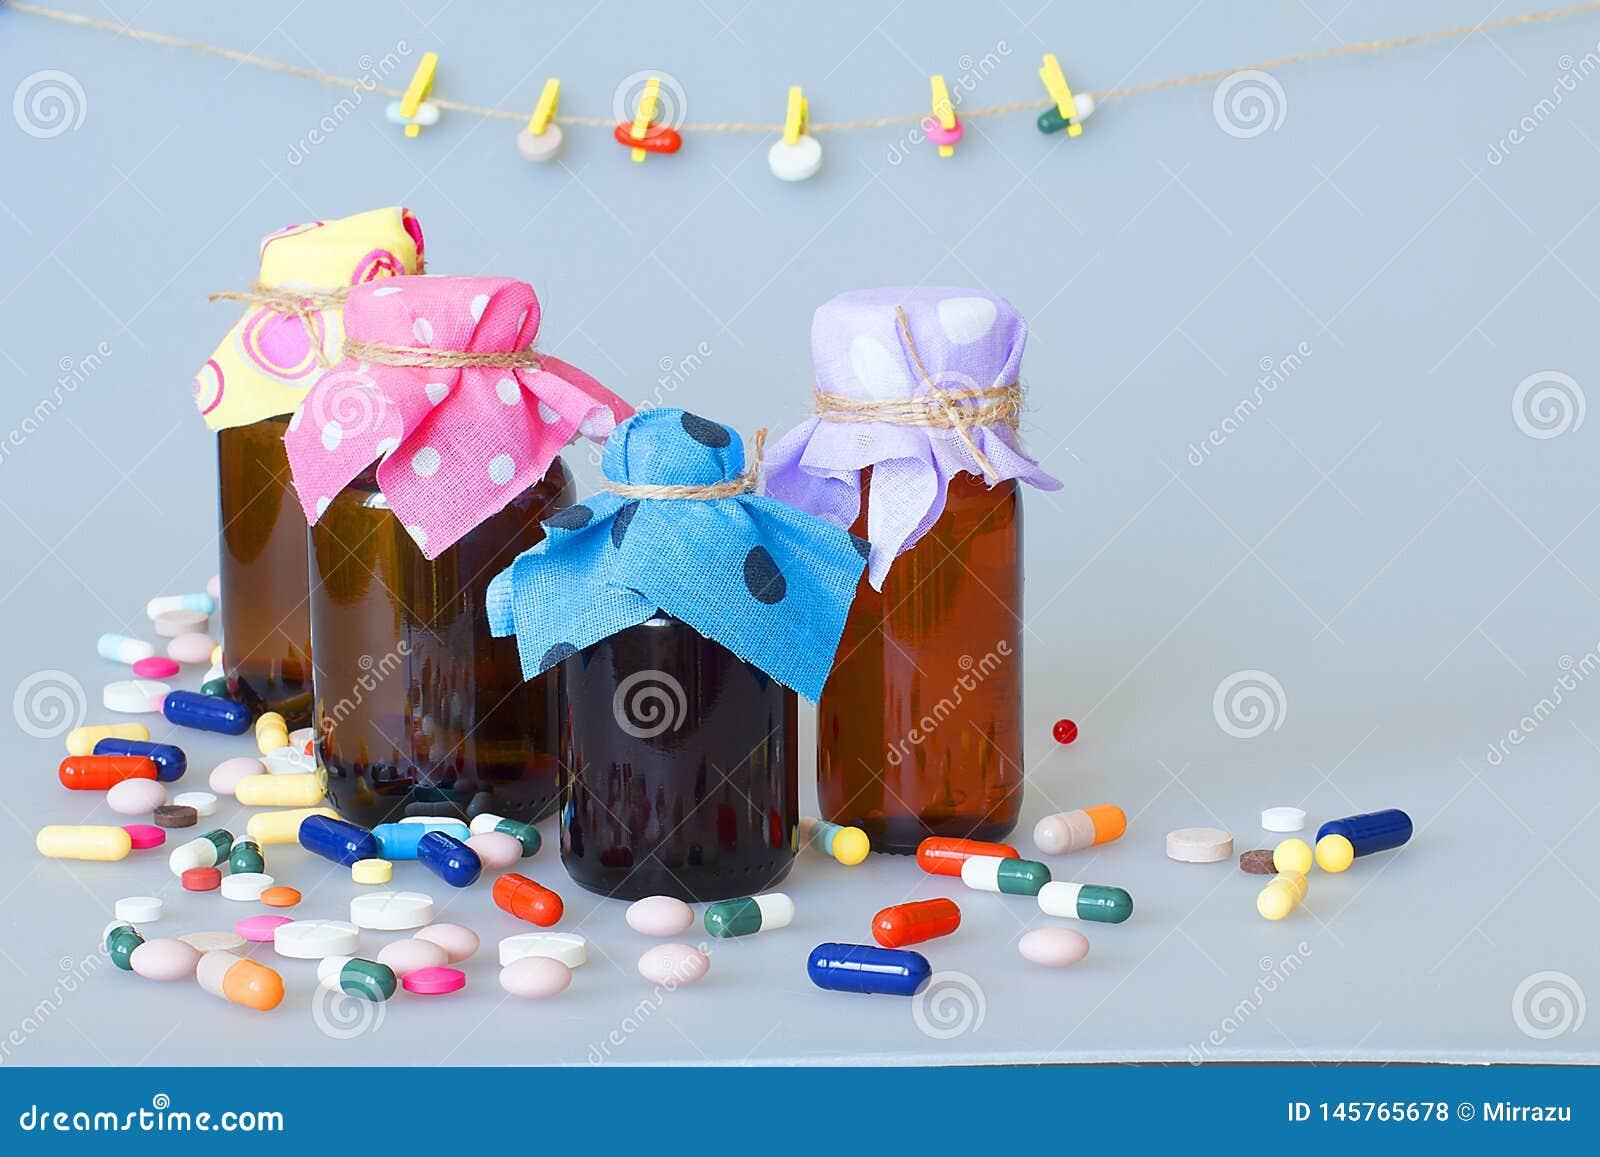 Diverses formes gal?niques des capsules, comprim?s, drag?es pour le traitement des maladies humaines